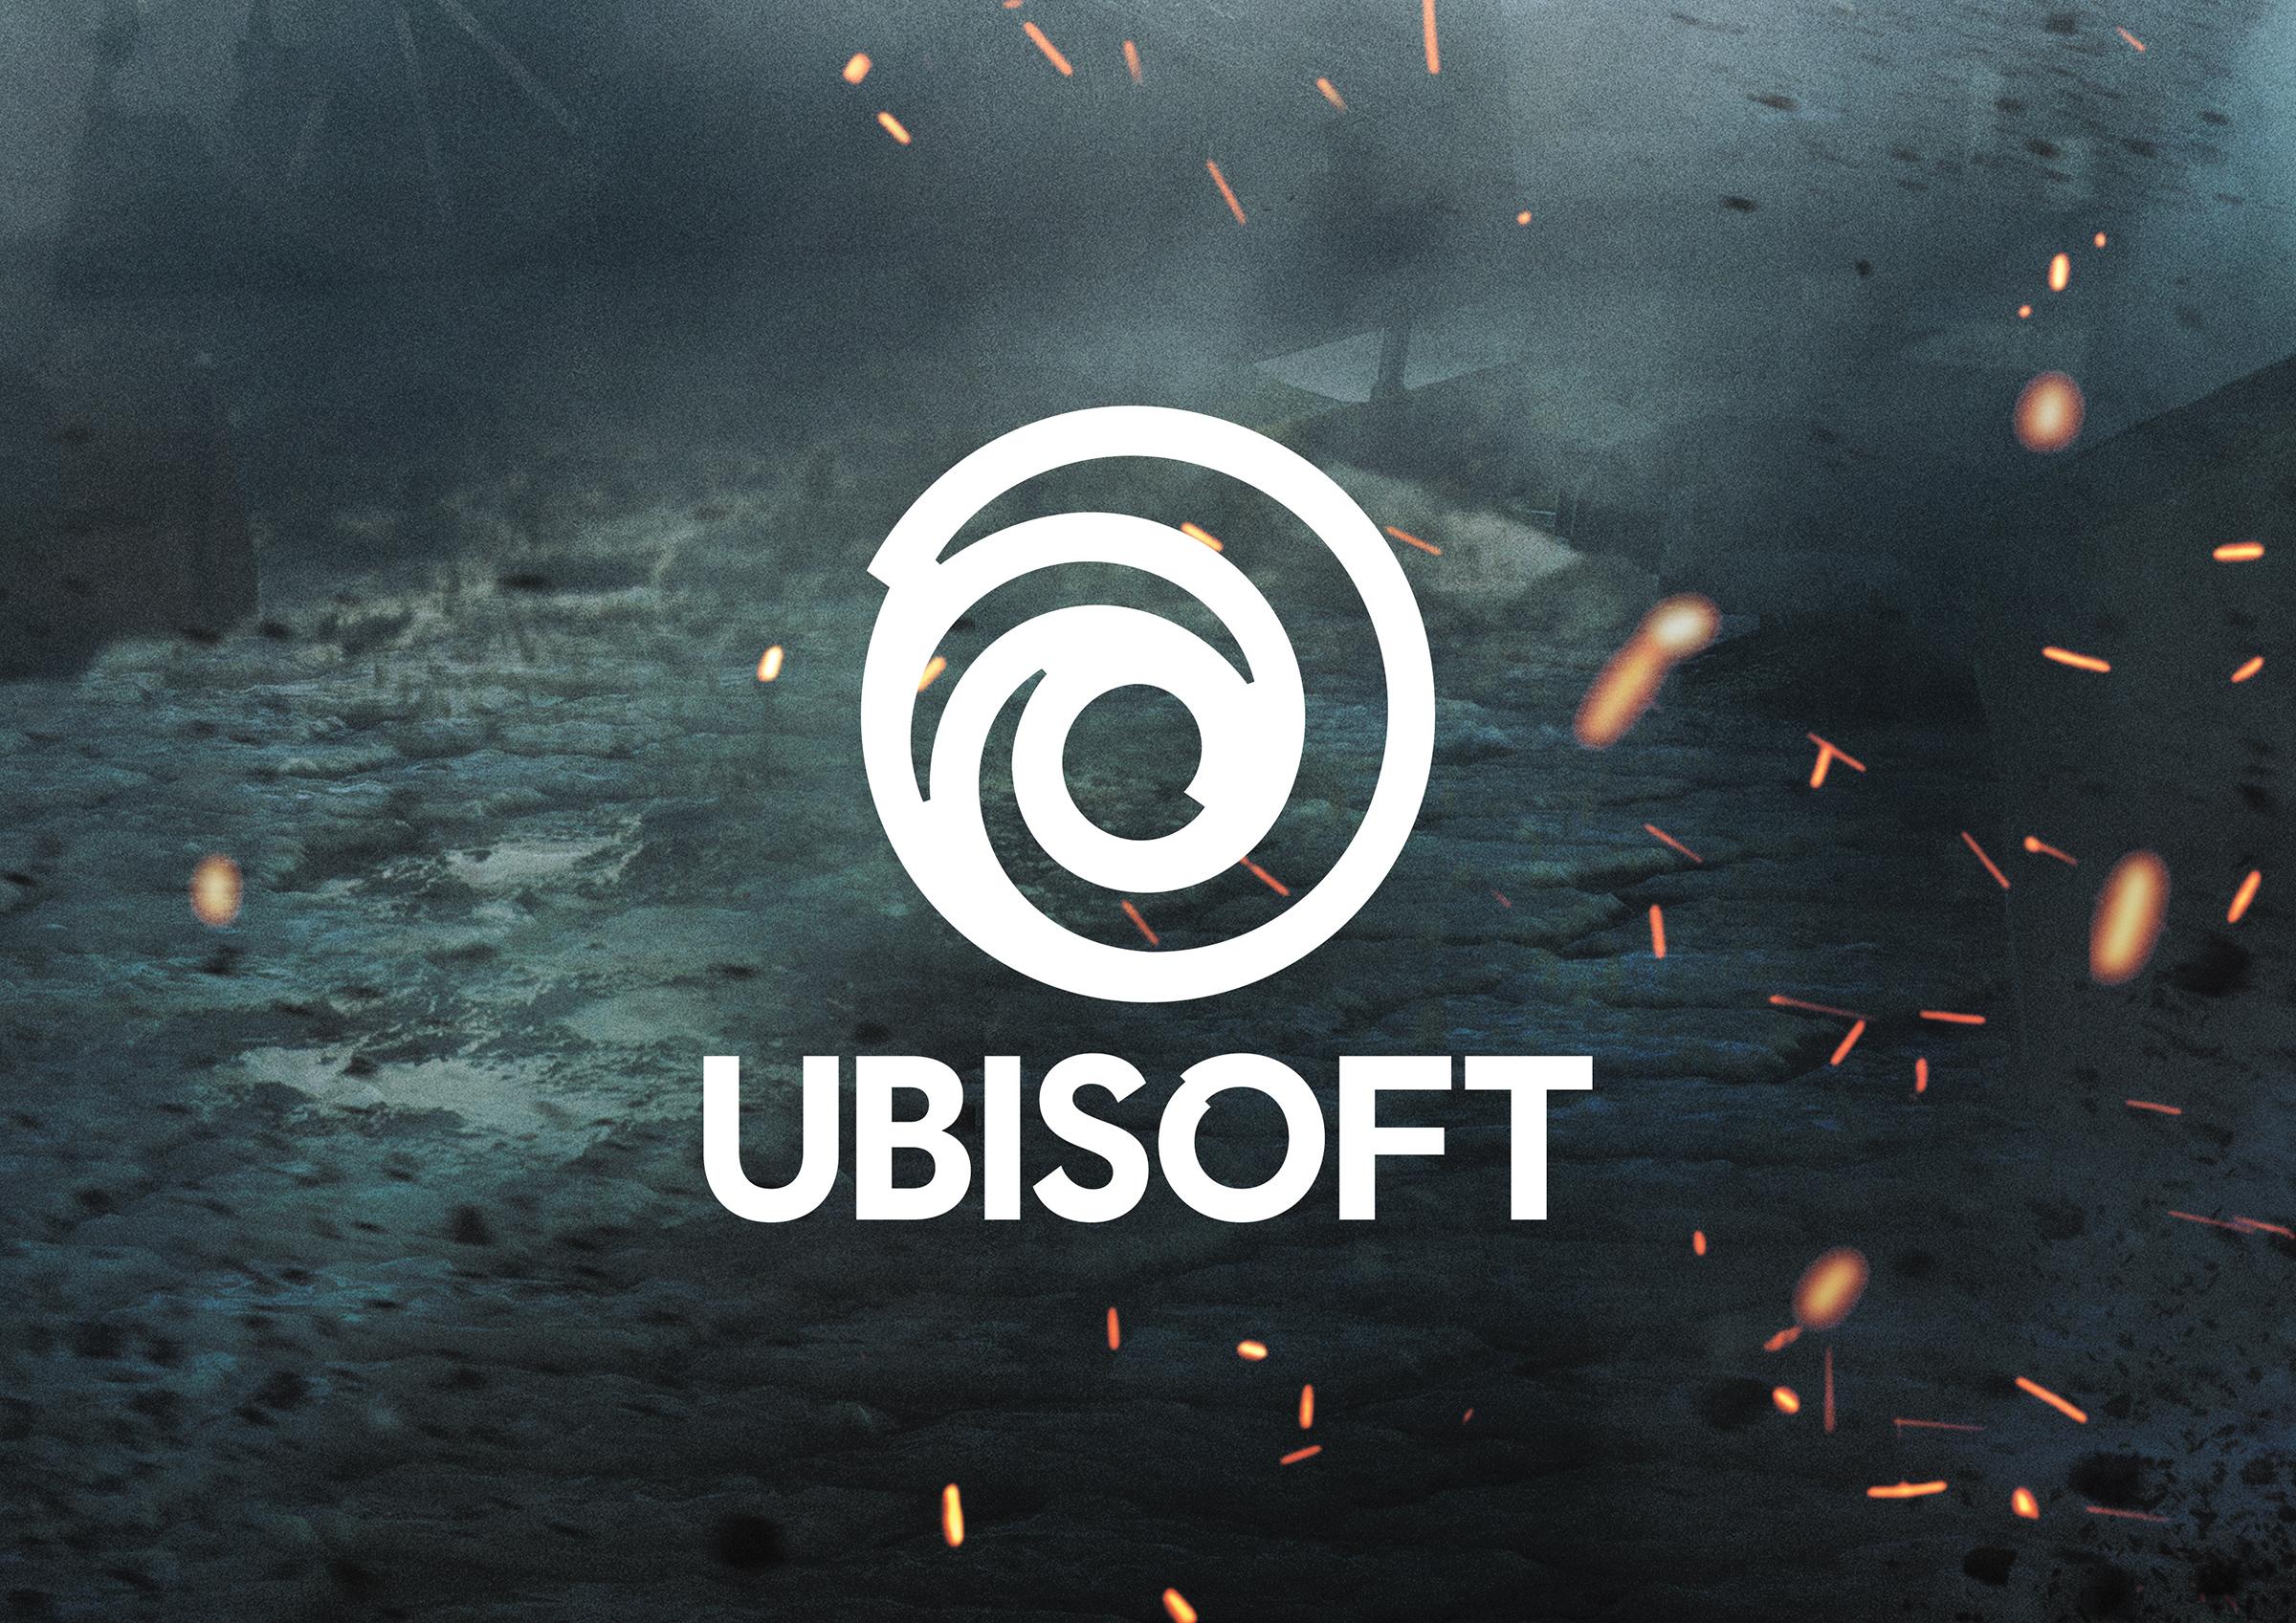 Ubisoft New Logo 2017,...